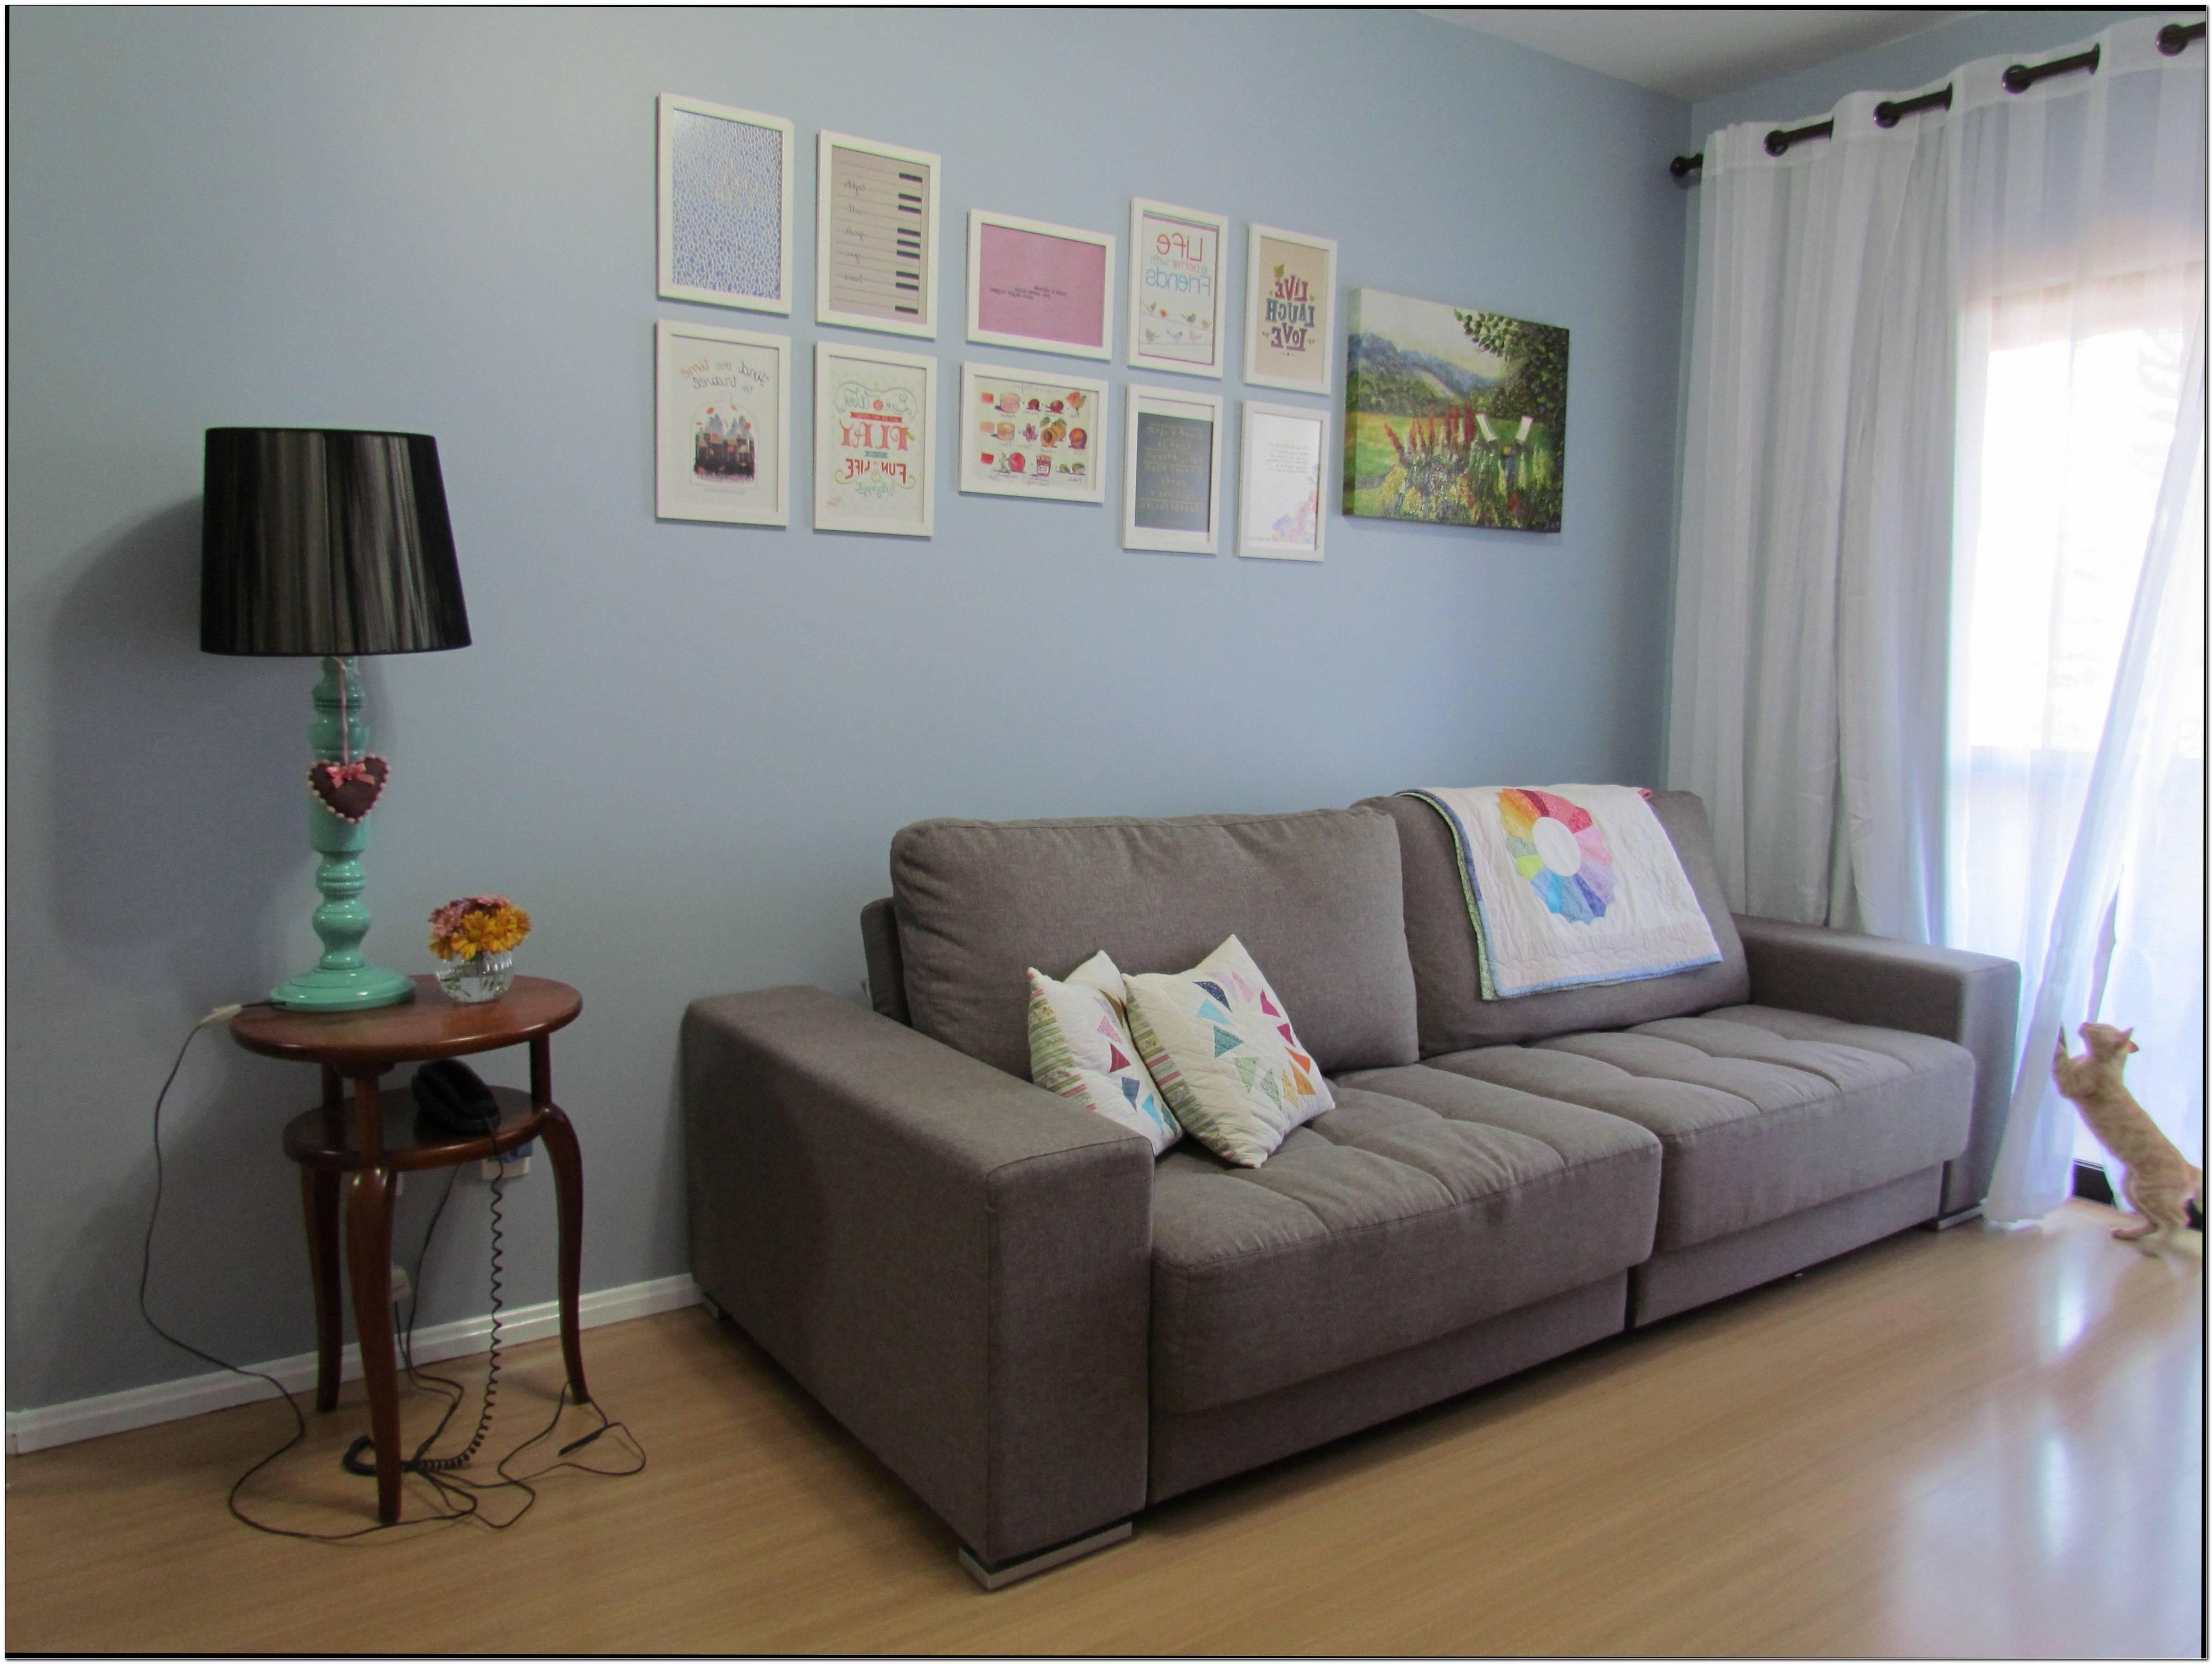 Sala Simples 60 Ideias Para Uma Decoração Mais Bonita E Barata